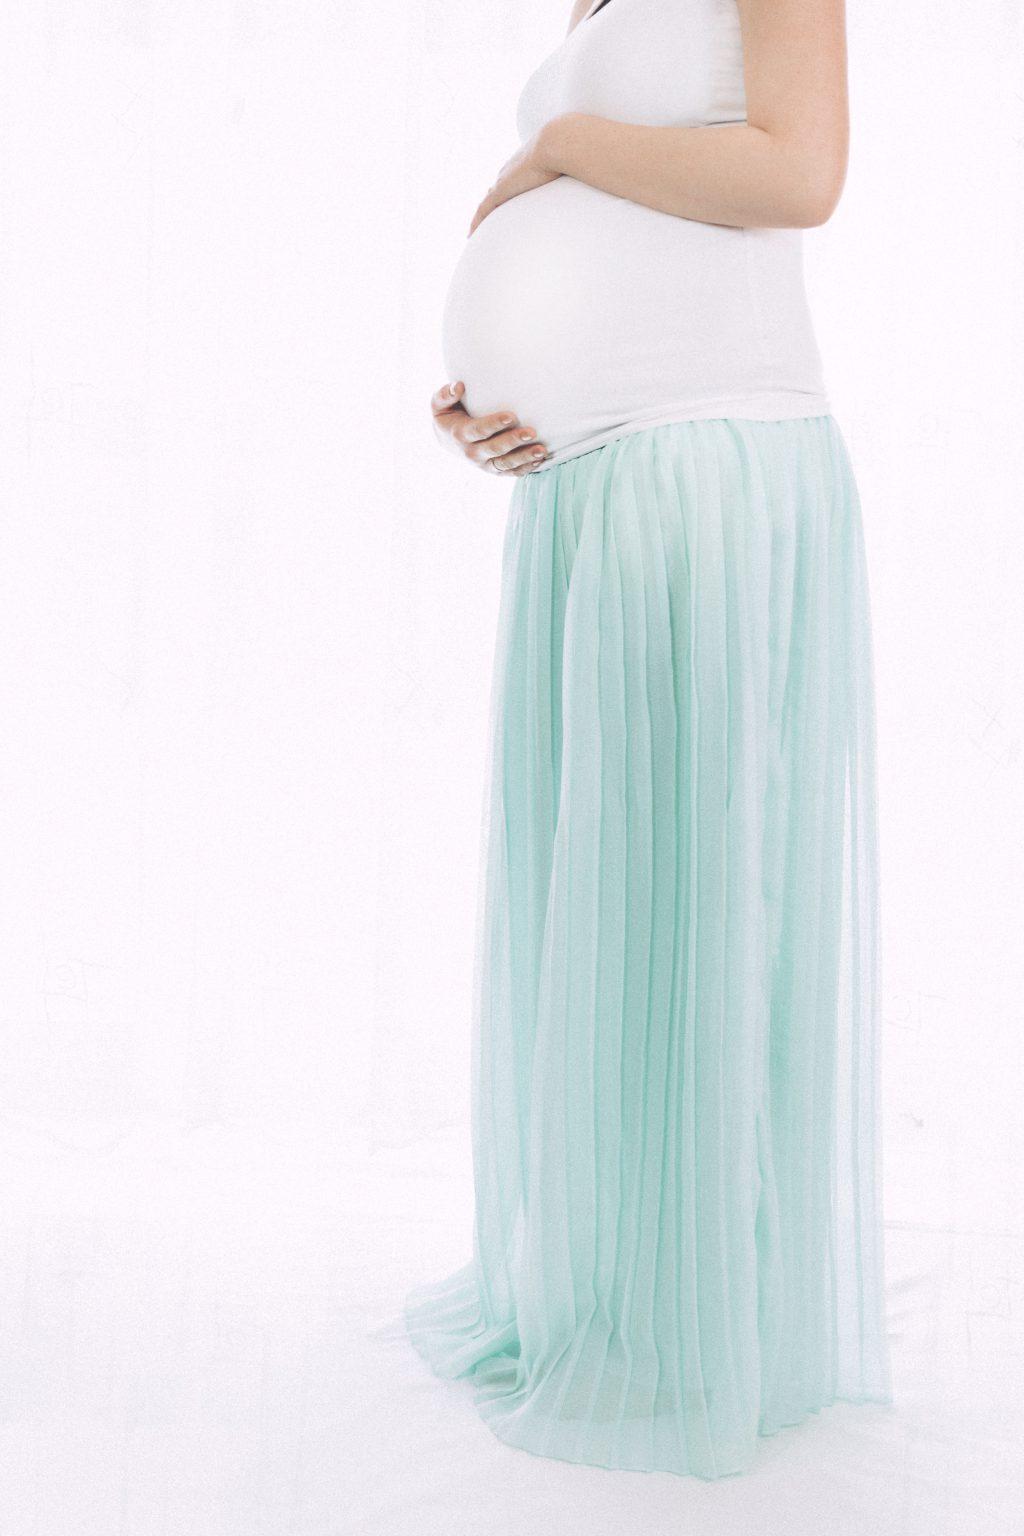 Pregnant woman 3 - free stock photo